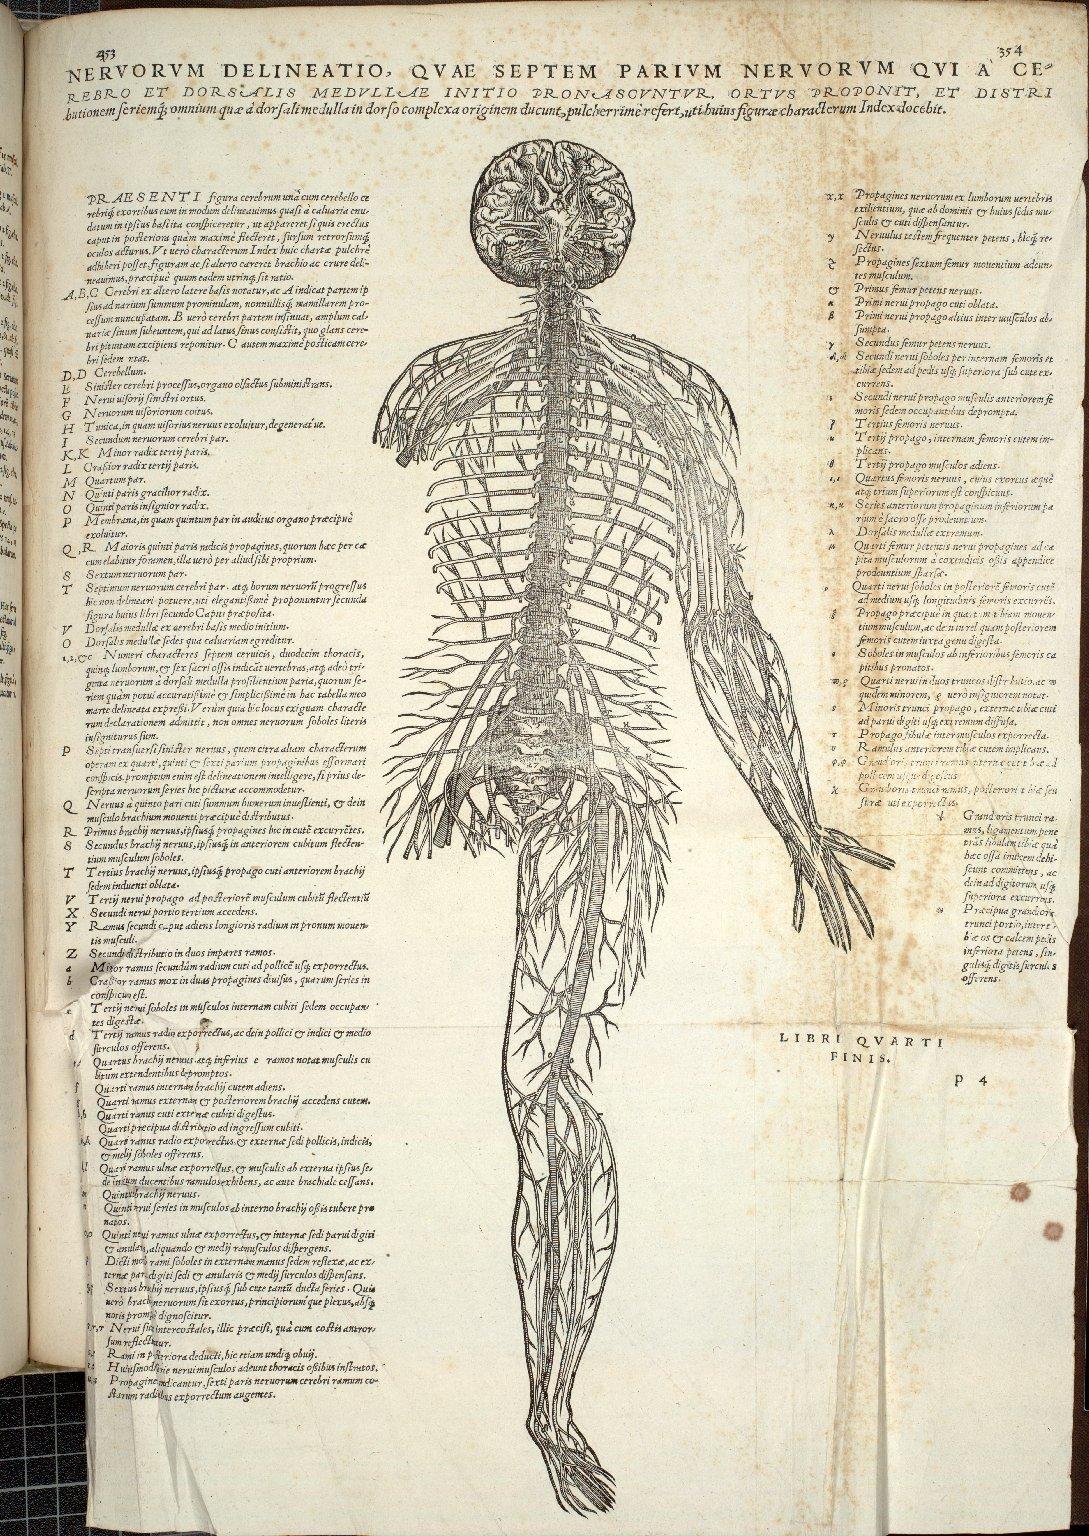 Nervorem delineatio, quae septem parium nervorum qui a cerebro et dorsalis medullae initio pronascuntur ortus proponit.